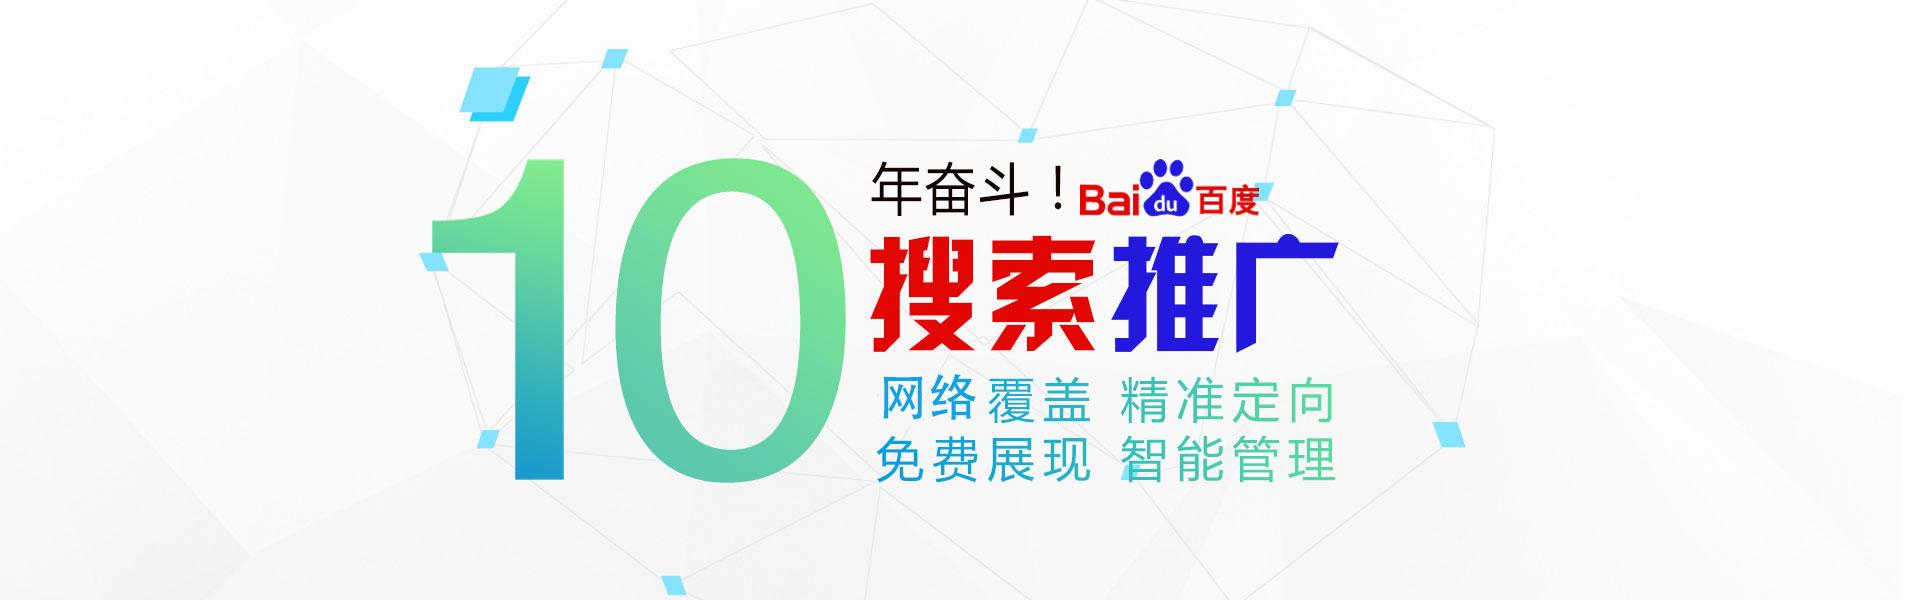 美高梅官方安卓版中文版百度SEO